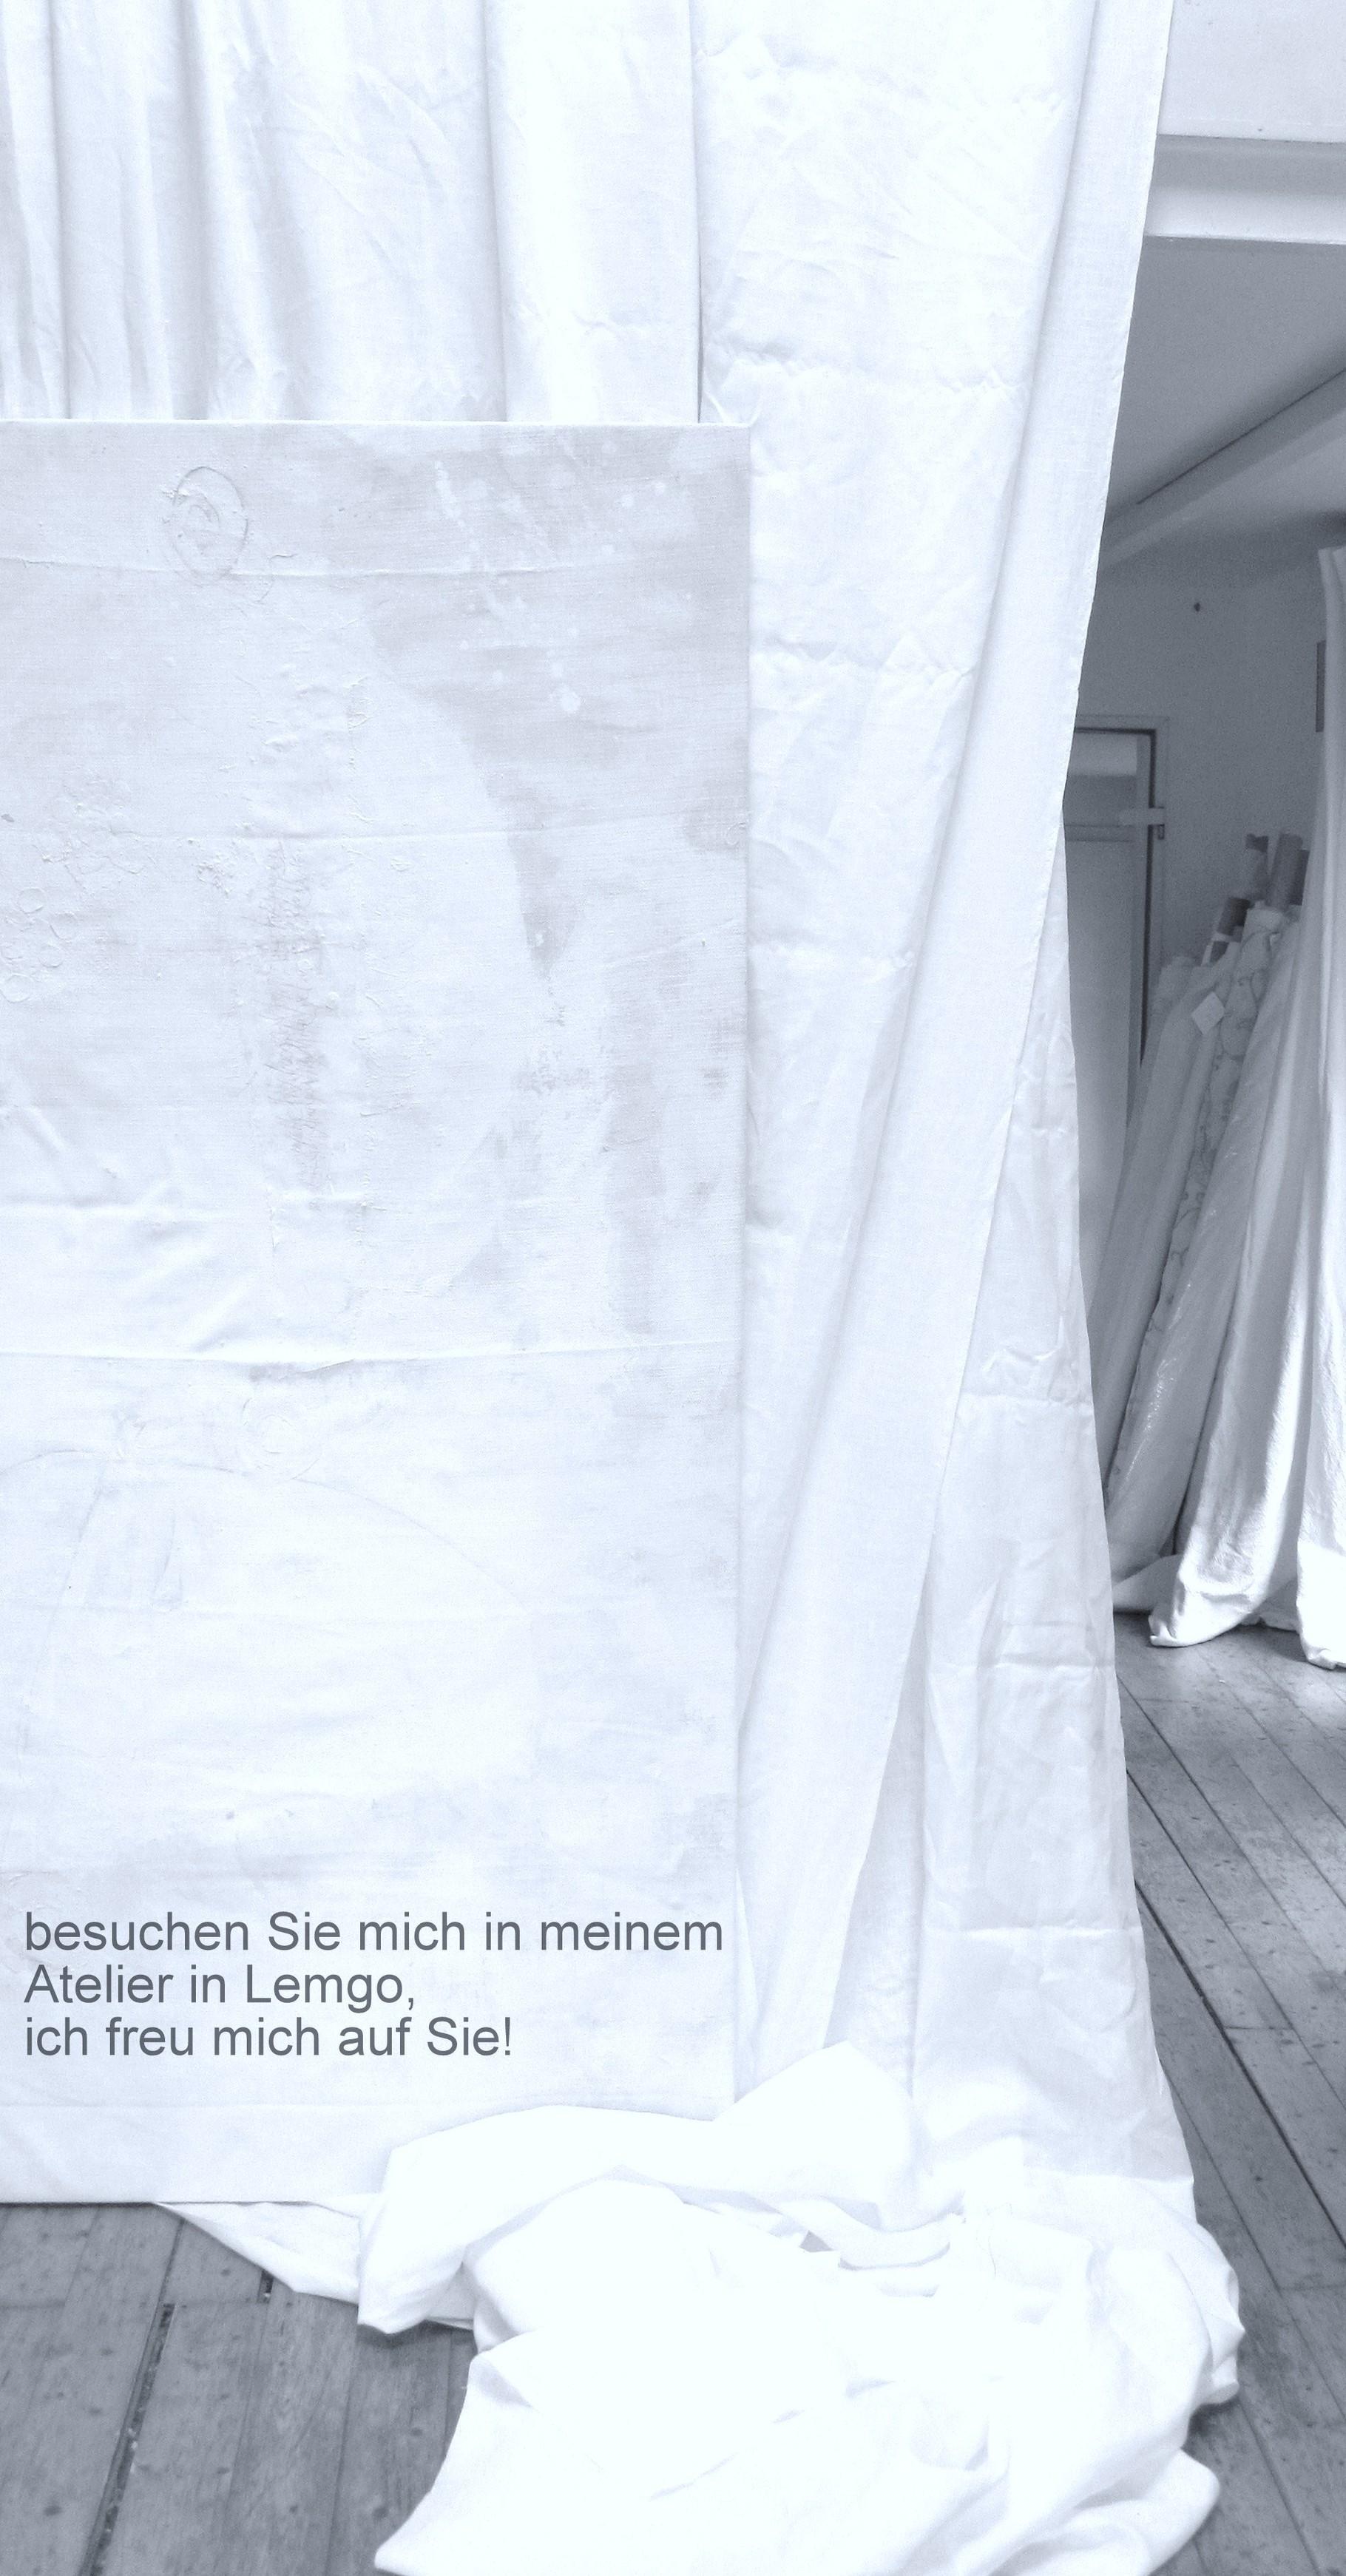 Innenarchitektur Lemgo frau fortmanns gespür für weiss stoffdesign fortmann